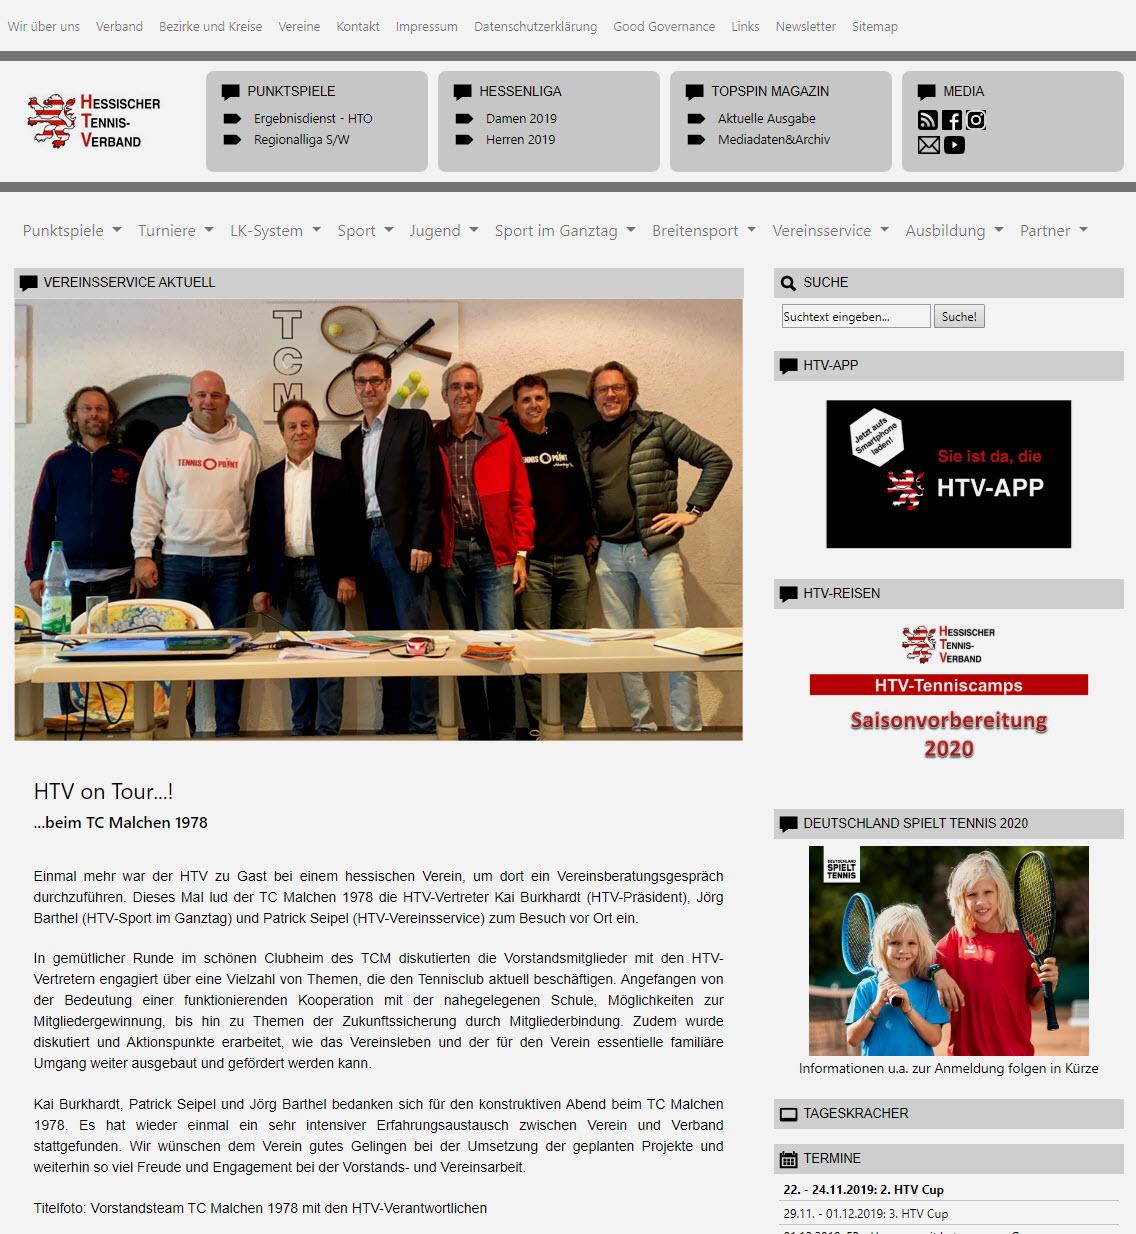 Link zur HTV-Seite